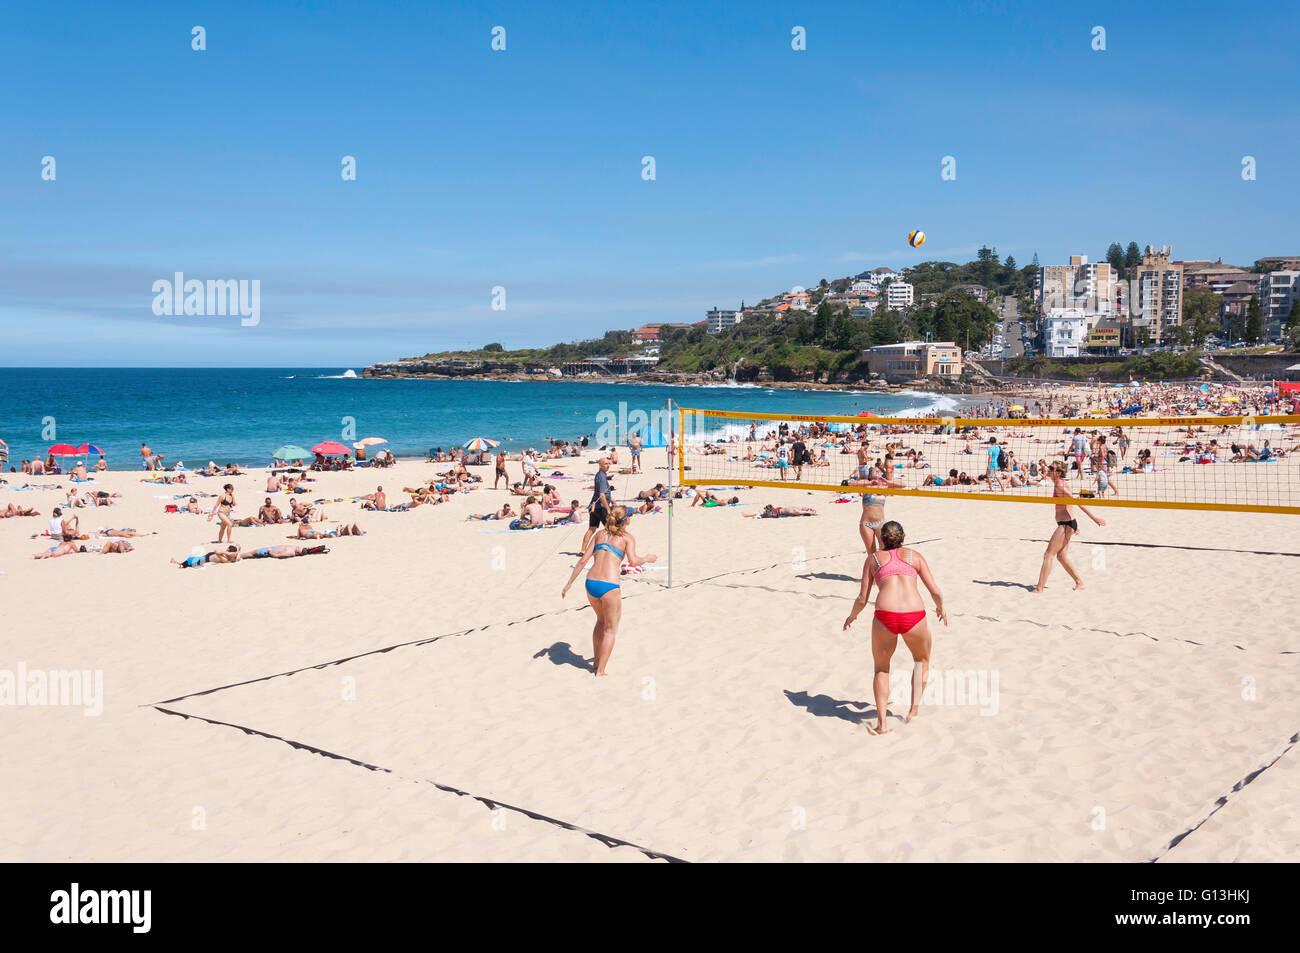 Las mujeres jugando voleibol de playa en Coogee Beach, playas de Coogee, Sydney, New South Wales, Australia Imagen De Stock